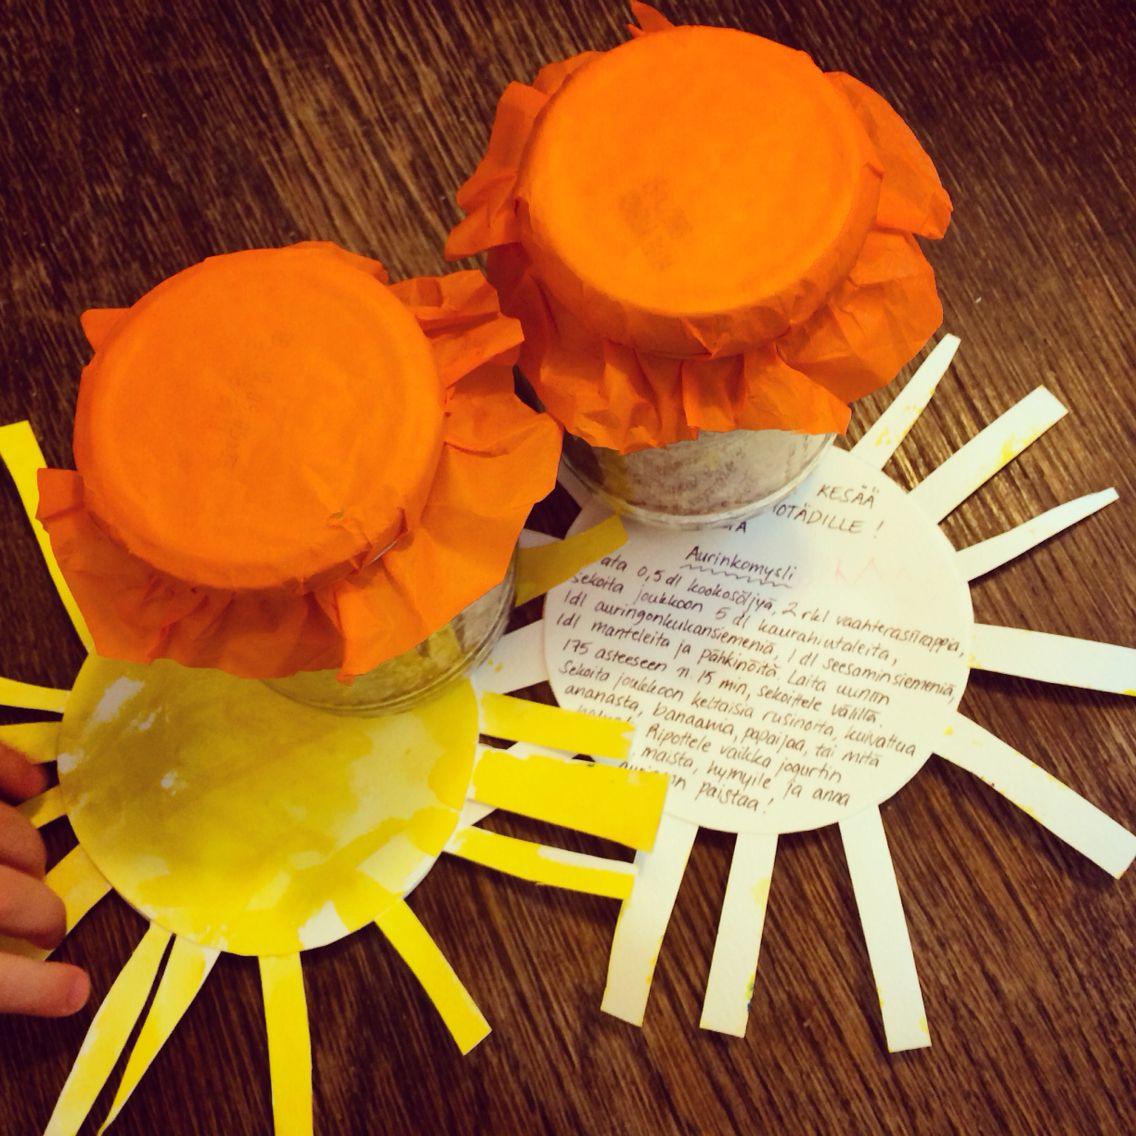 Aurinkomysli ja aurinkokortit kerhotädeille